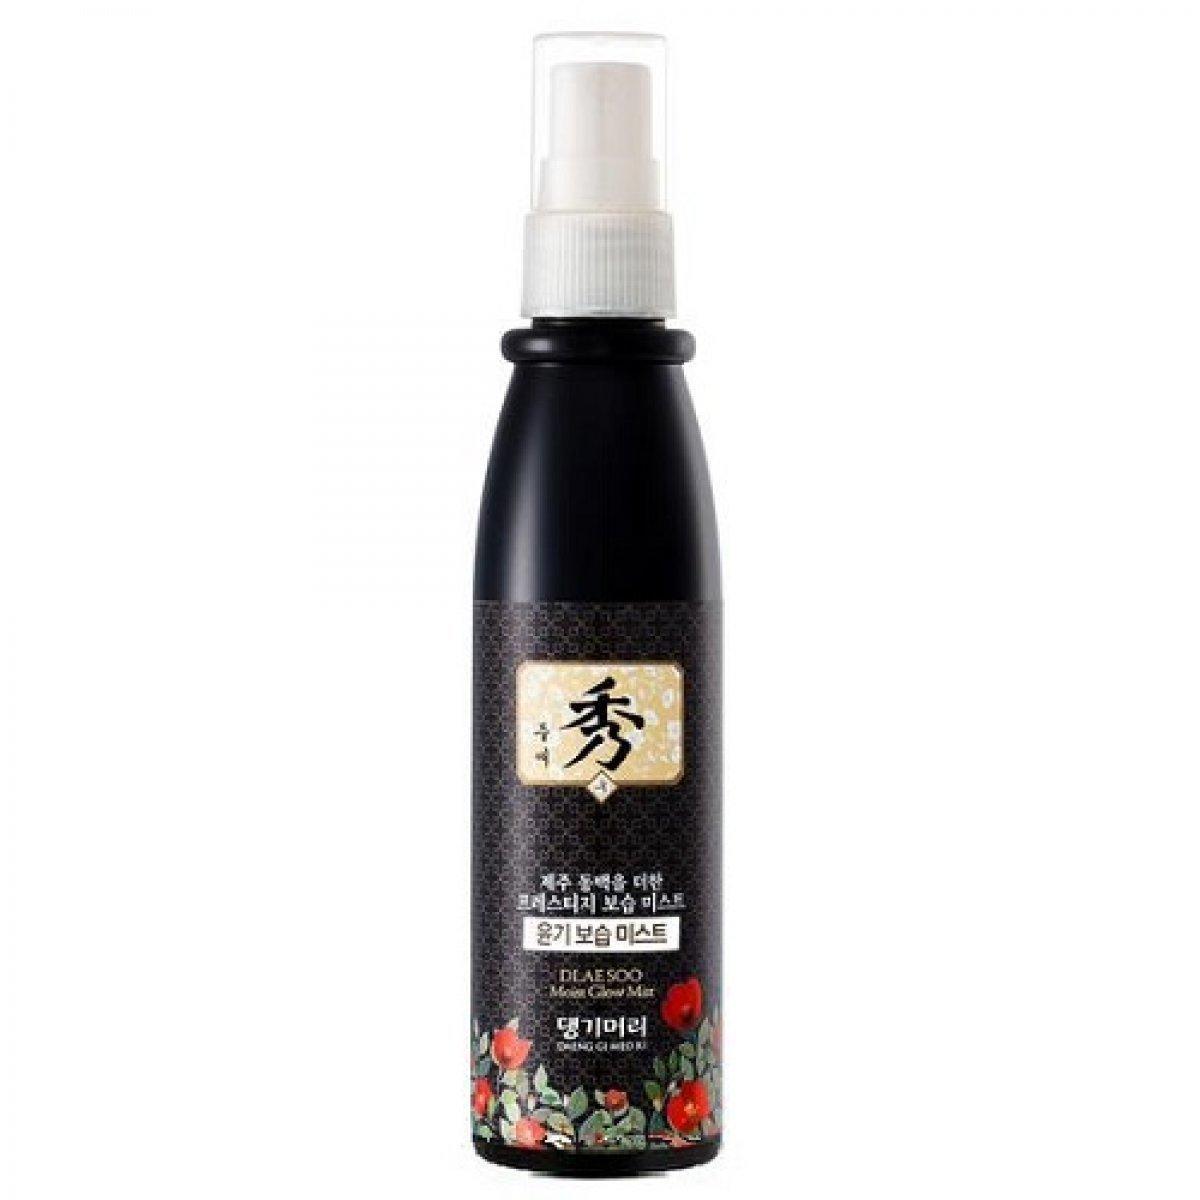 Увлажняющий спрей для блеска волос Daeng Gi Meo Ri Dlae Soo Moist Glow Mist